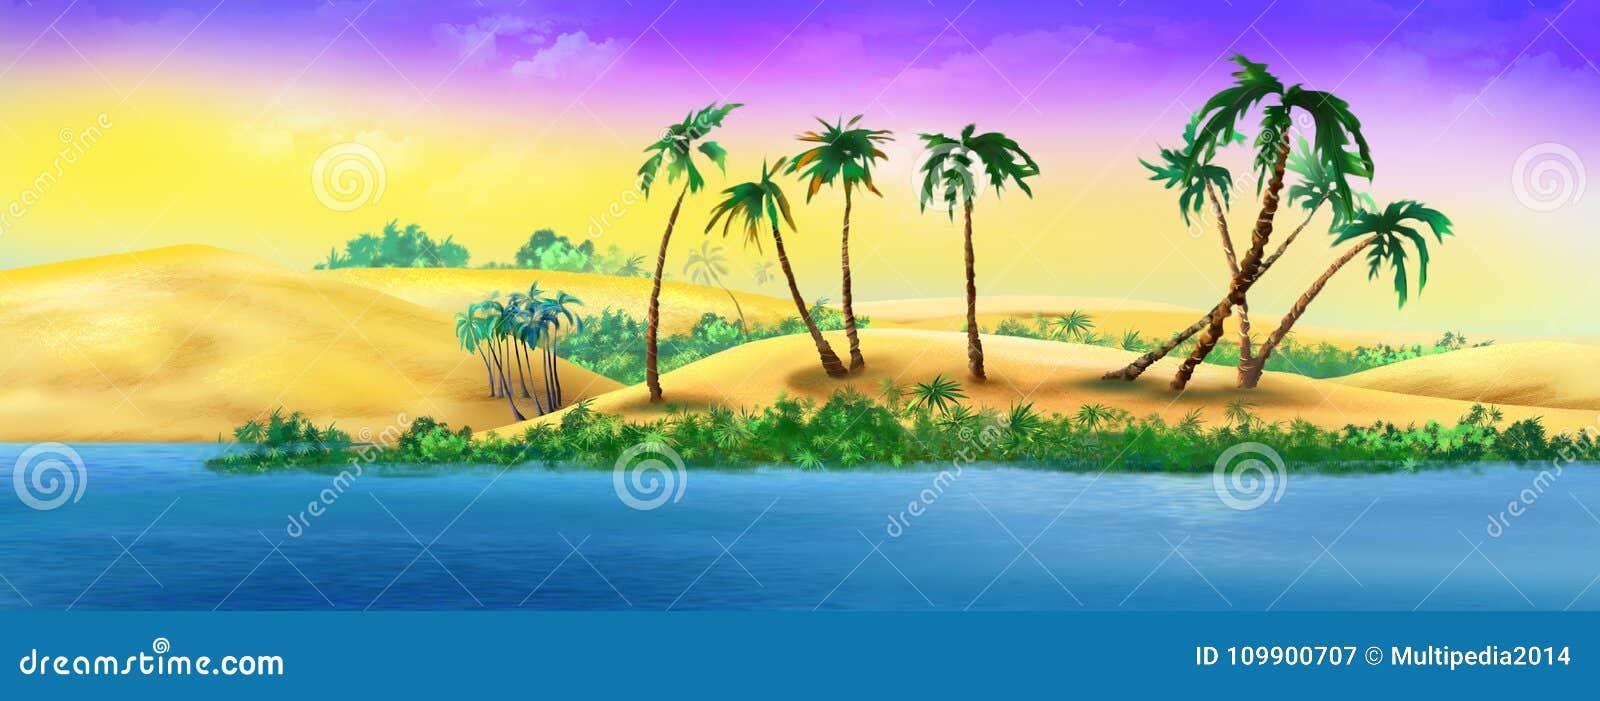 Palmen op Sandy River Bank